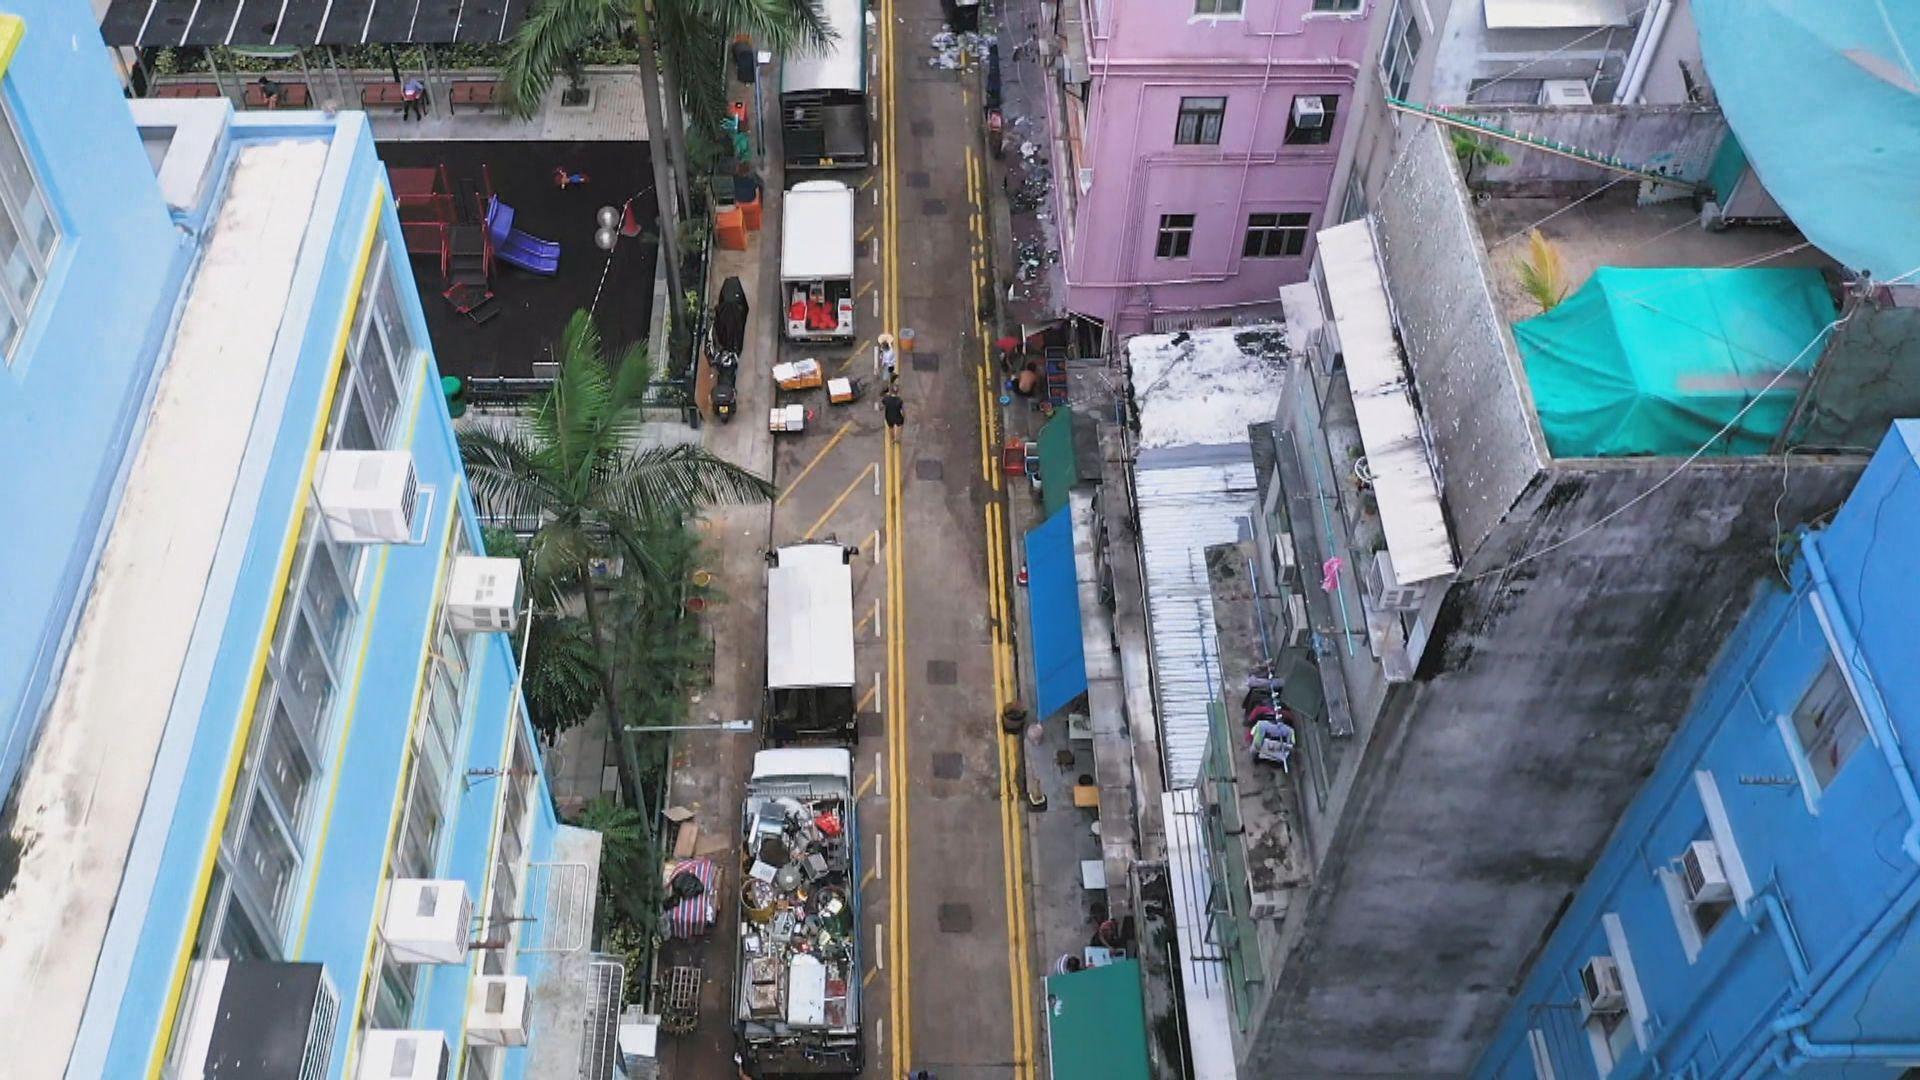 市建局啟動山東街地士道街重建項目 現金補償自住業主